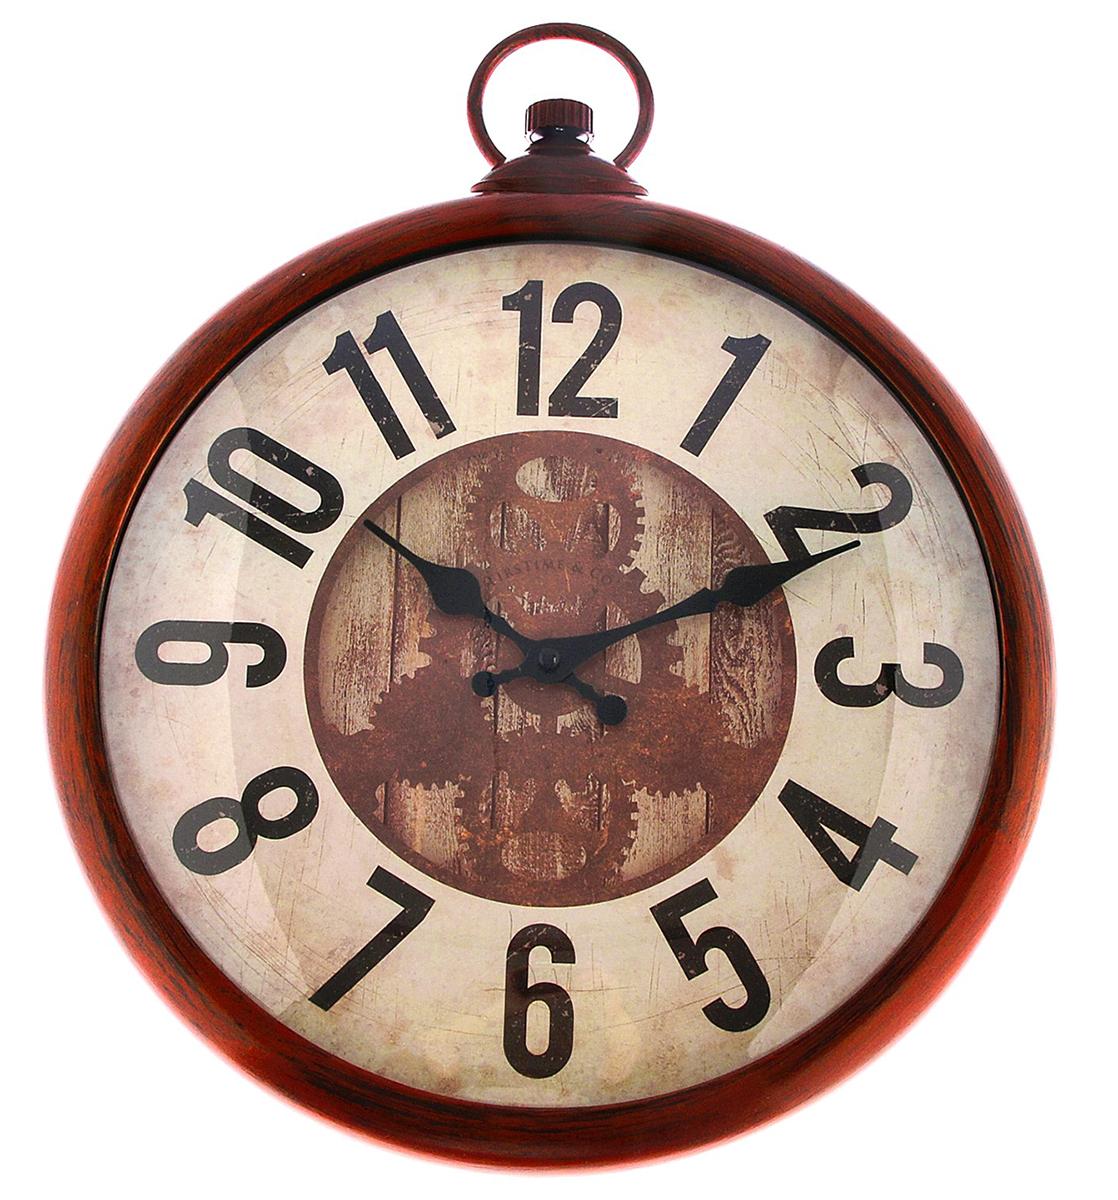 Часы настенные на брелке Шестеренки, 35 х 43 см2761165Каждому хозяину периодически приходит мысль обновить свою квартиру, сделать ремонт, перестановку или кардинально поменять внешний вид каждой комнаты. — привлекательная деталь, которая поможет воплотить вашу интерьерную идею, создать неповторимую атмосферу в вашем доме. Окружите себя приятными мелочами, пусть они радуют глаз и дарят гармонию.Часы настенные на брелке, цвет медный, на циферблате шестеренки, цифры большие, 35*43см 2761165